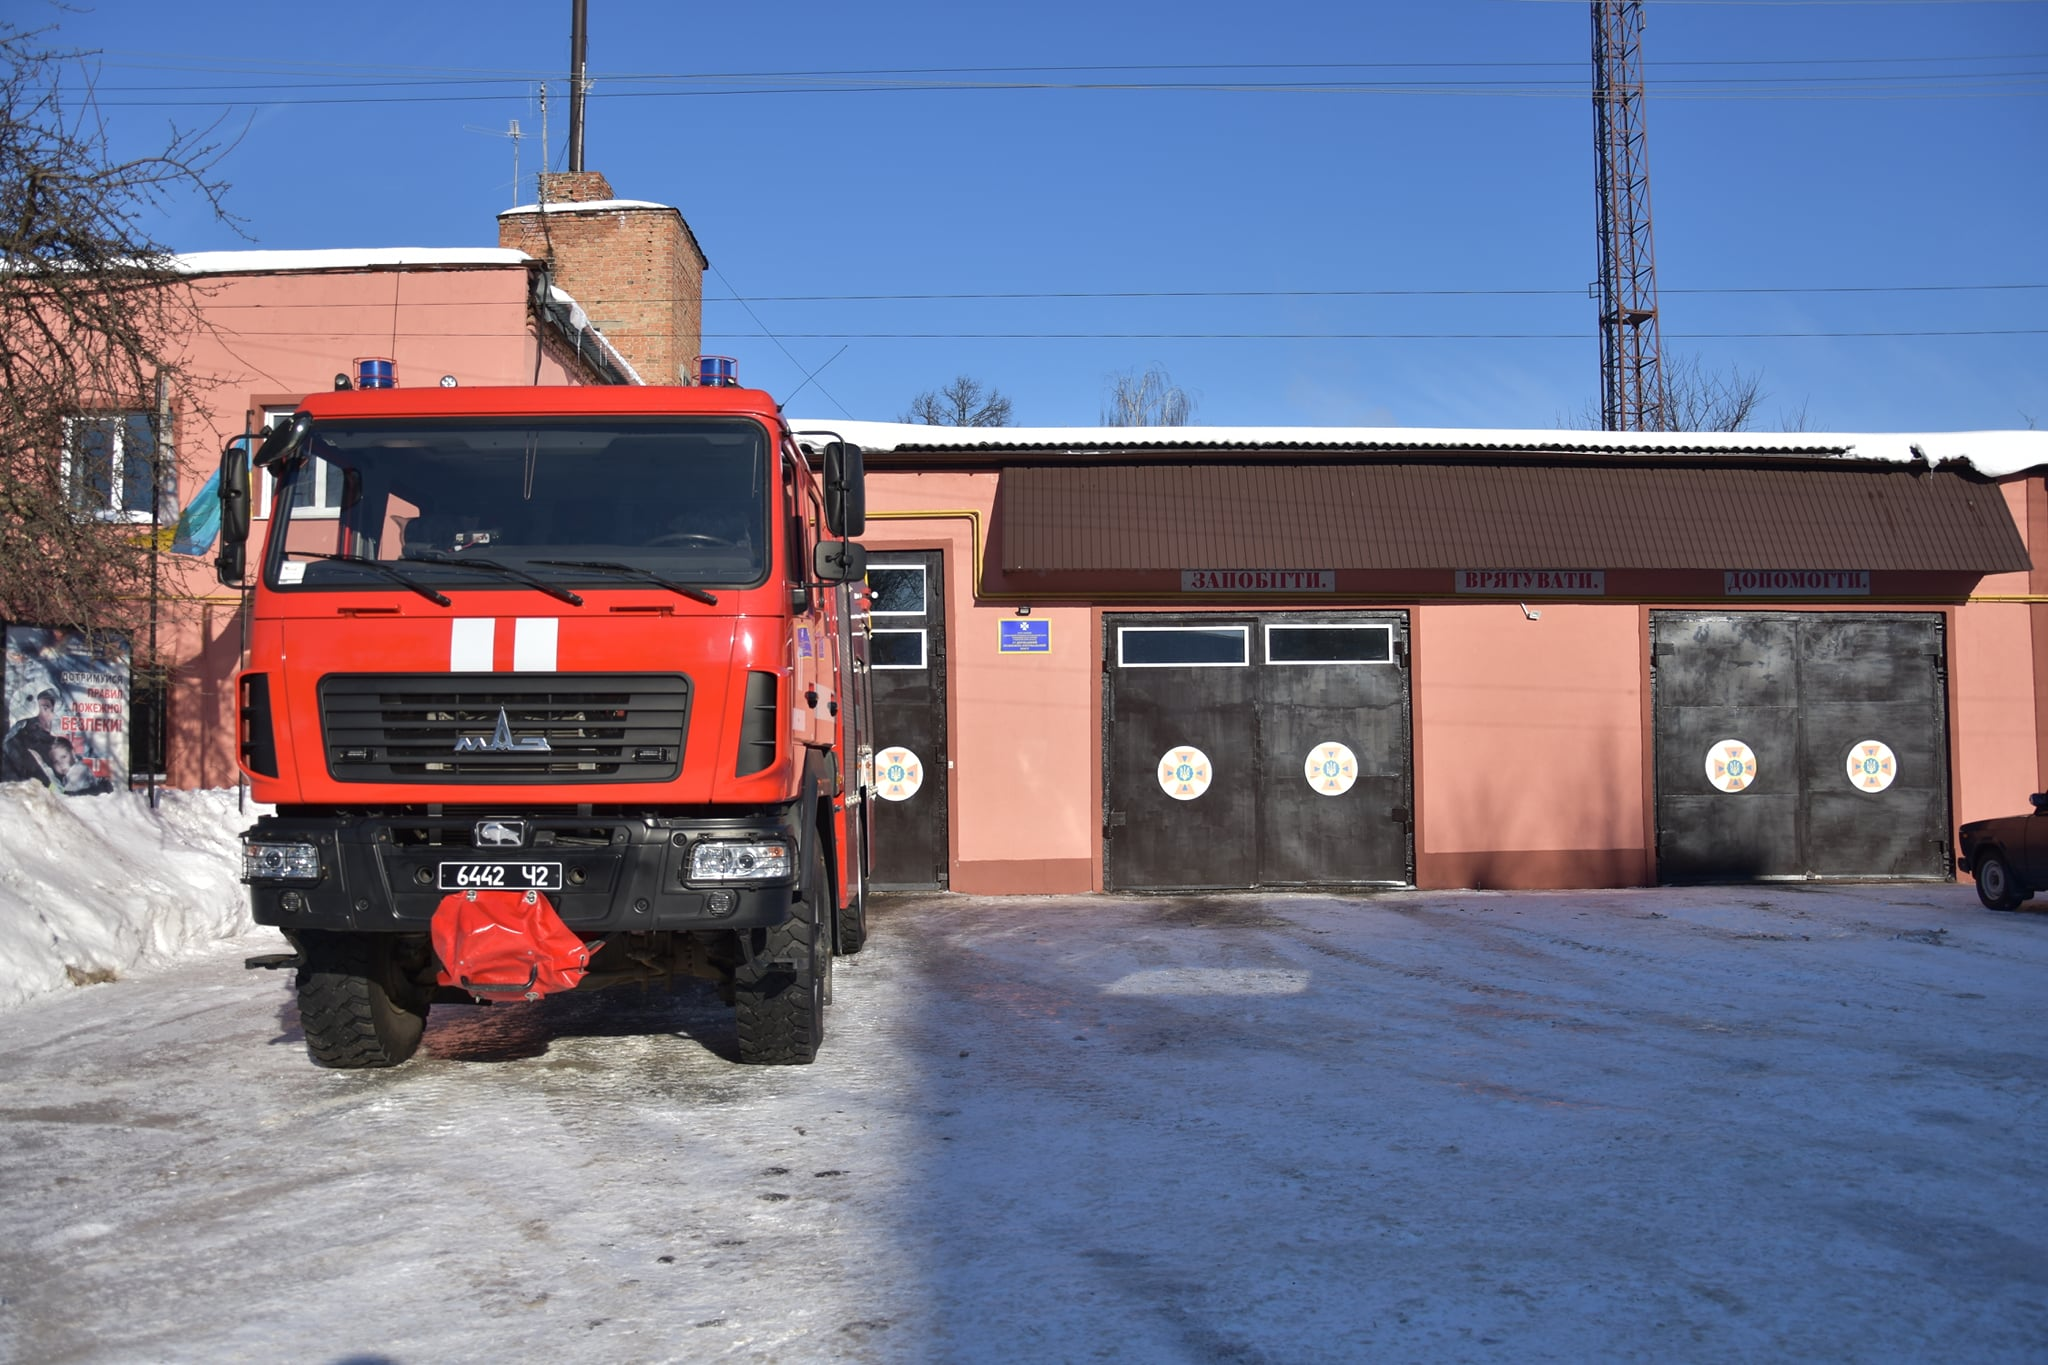 Життя громад: оновлена пожежна частина в Носівці тепер із сучасним автомобілем